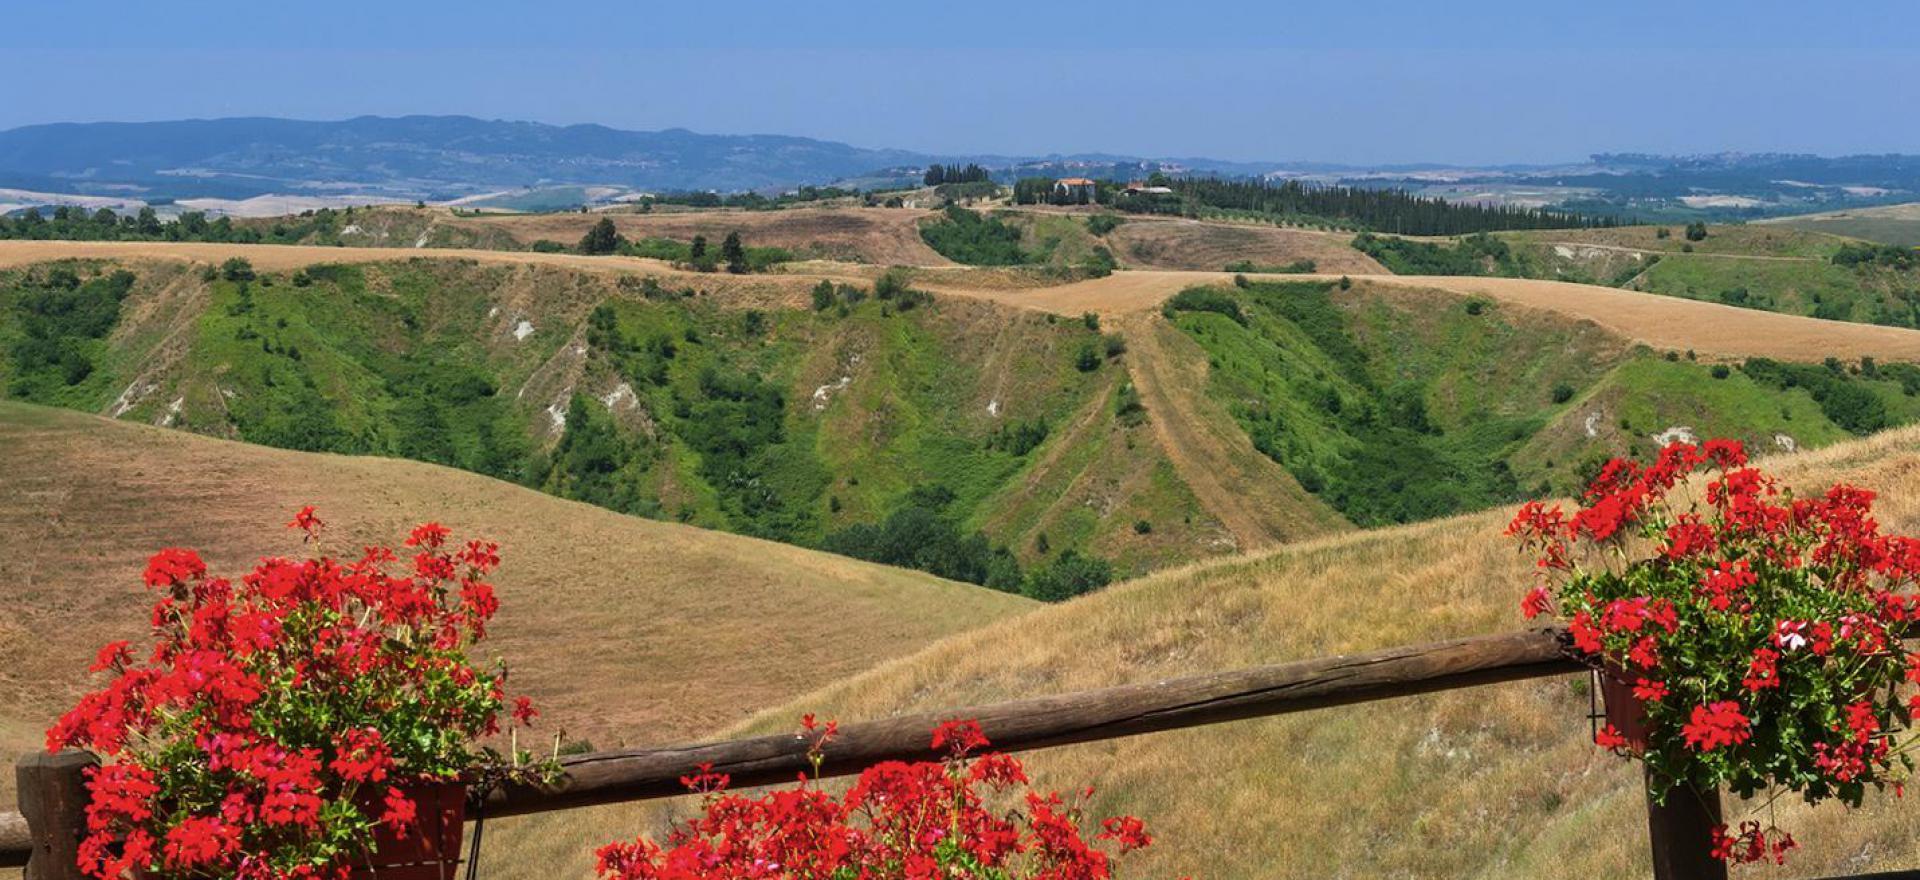 Agriturismo Toscane Gastvrije agriturismo in Toscane waar la mamma kookt